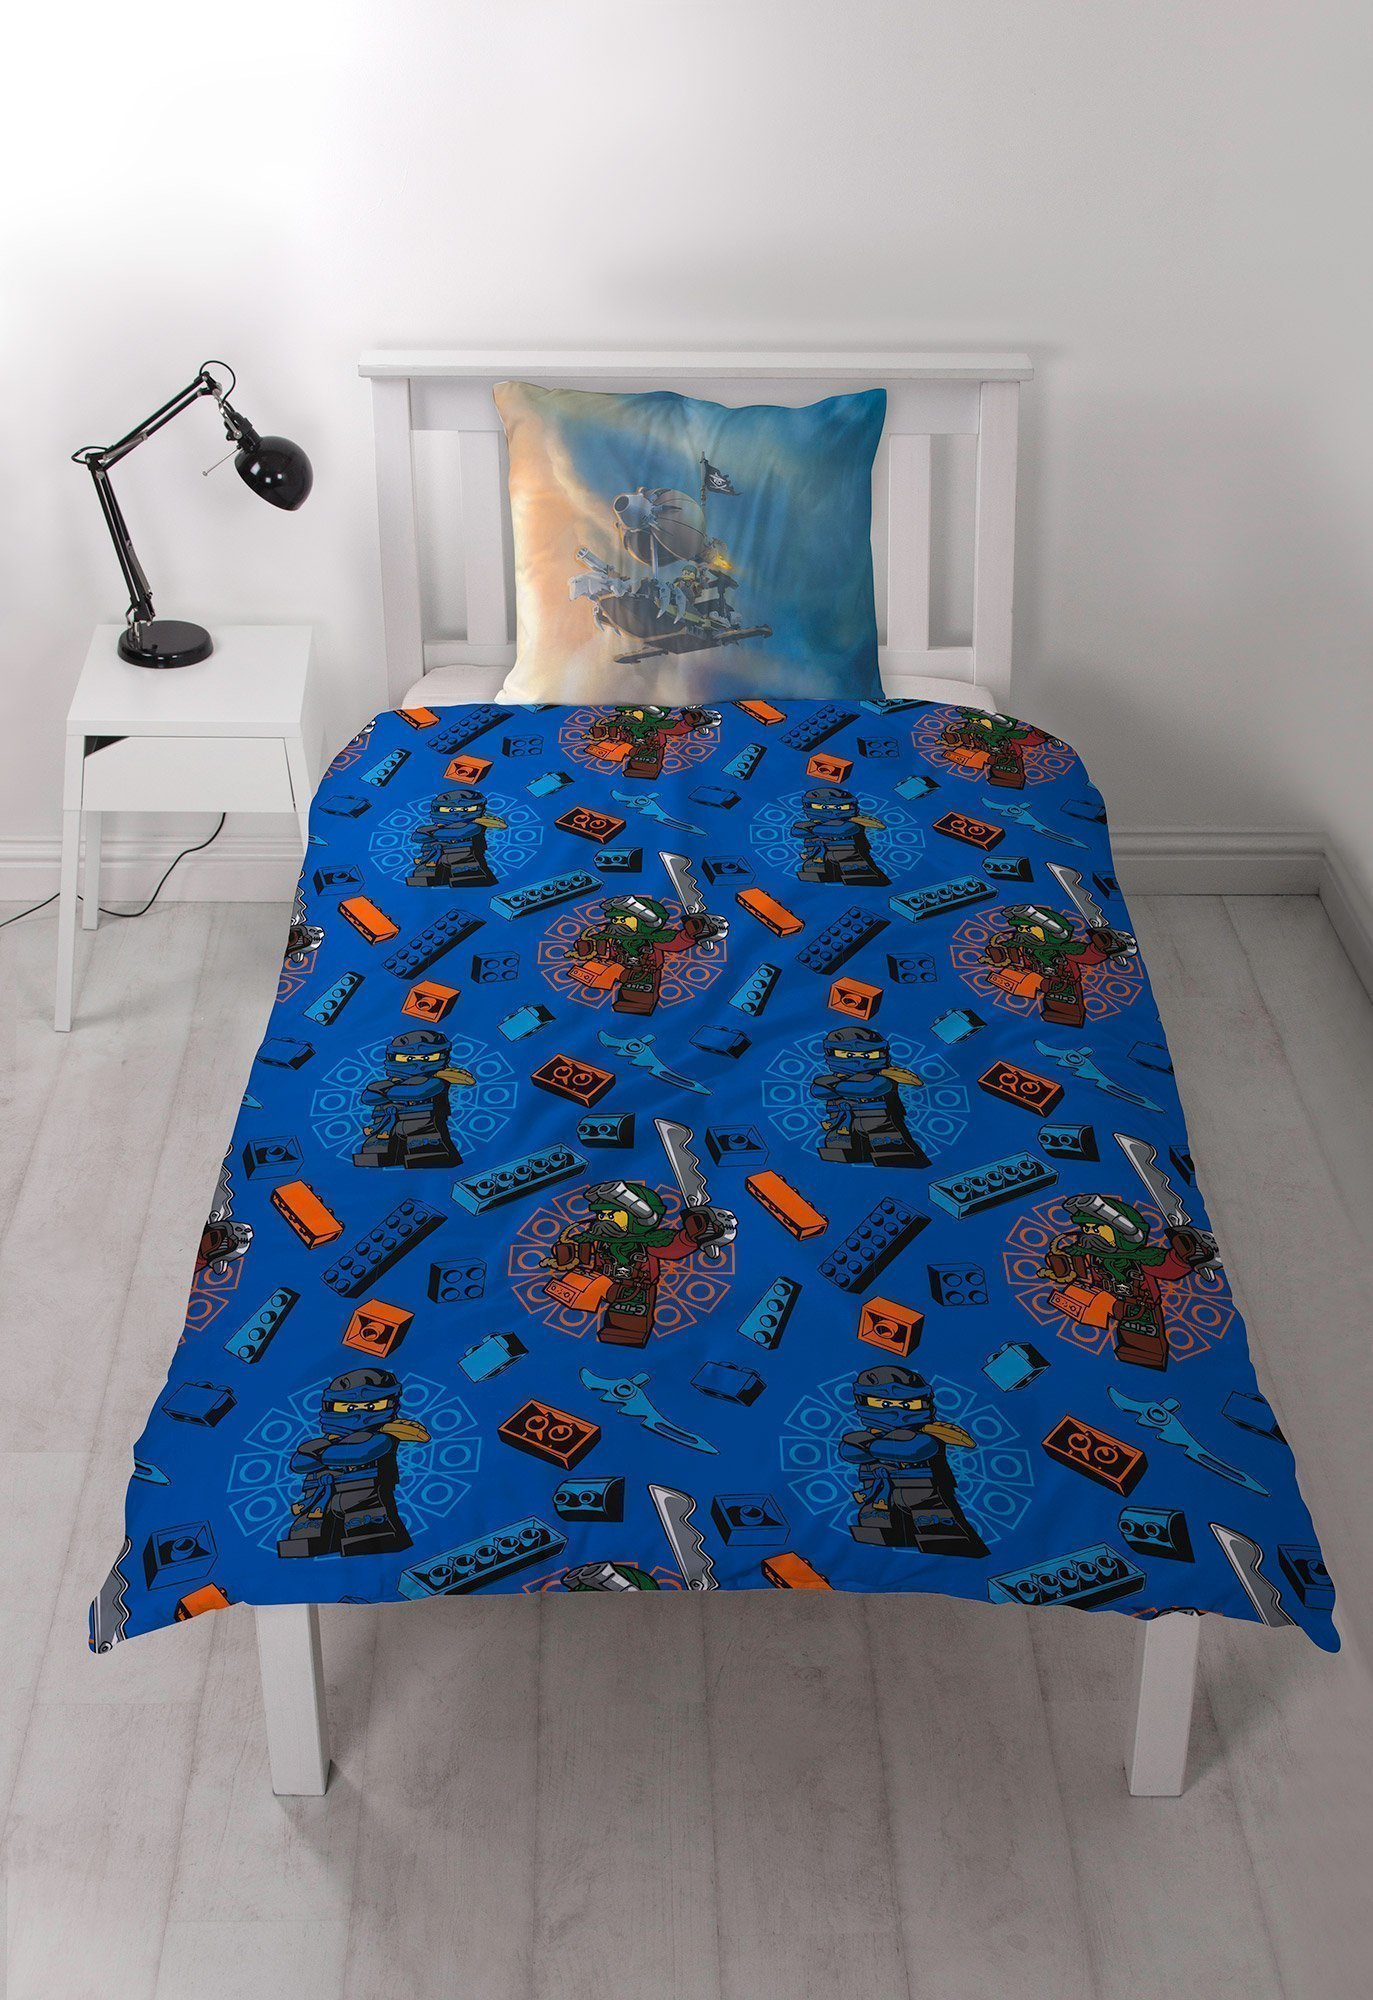 146 housse de couette pour lit 140 taille housse de - Housse de couette 2 personnes taille ...